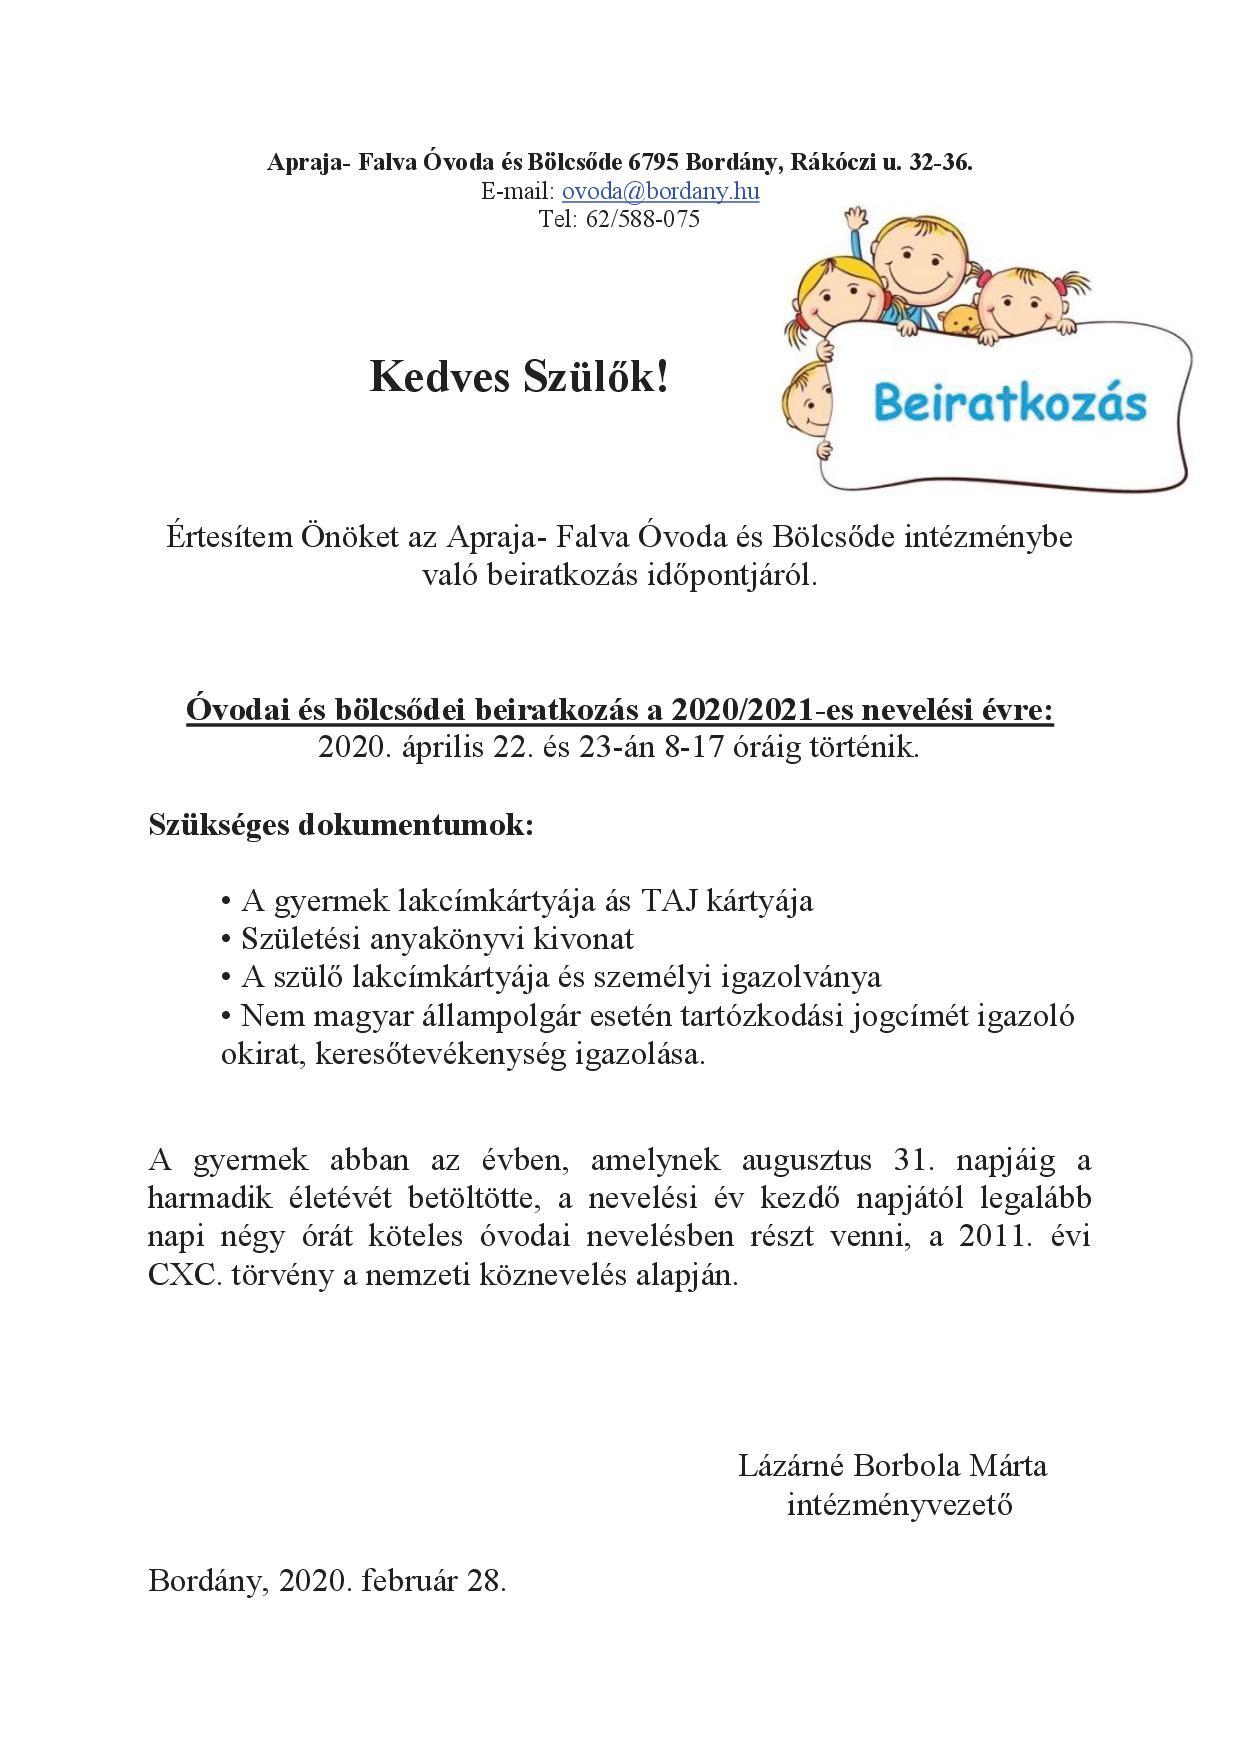 Trichinella laboratóriumi diagnózis